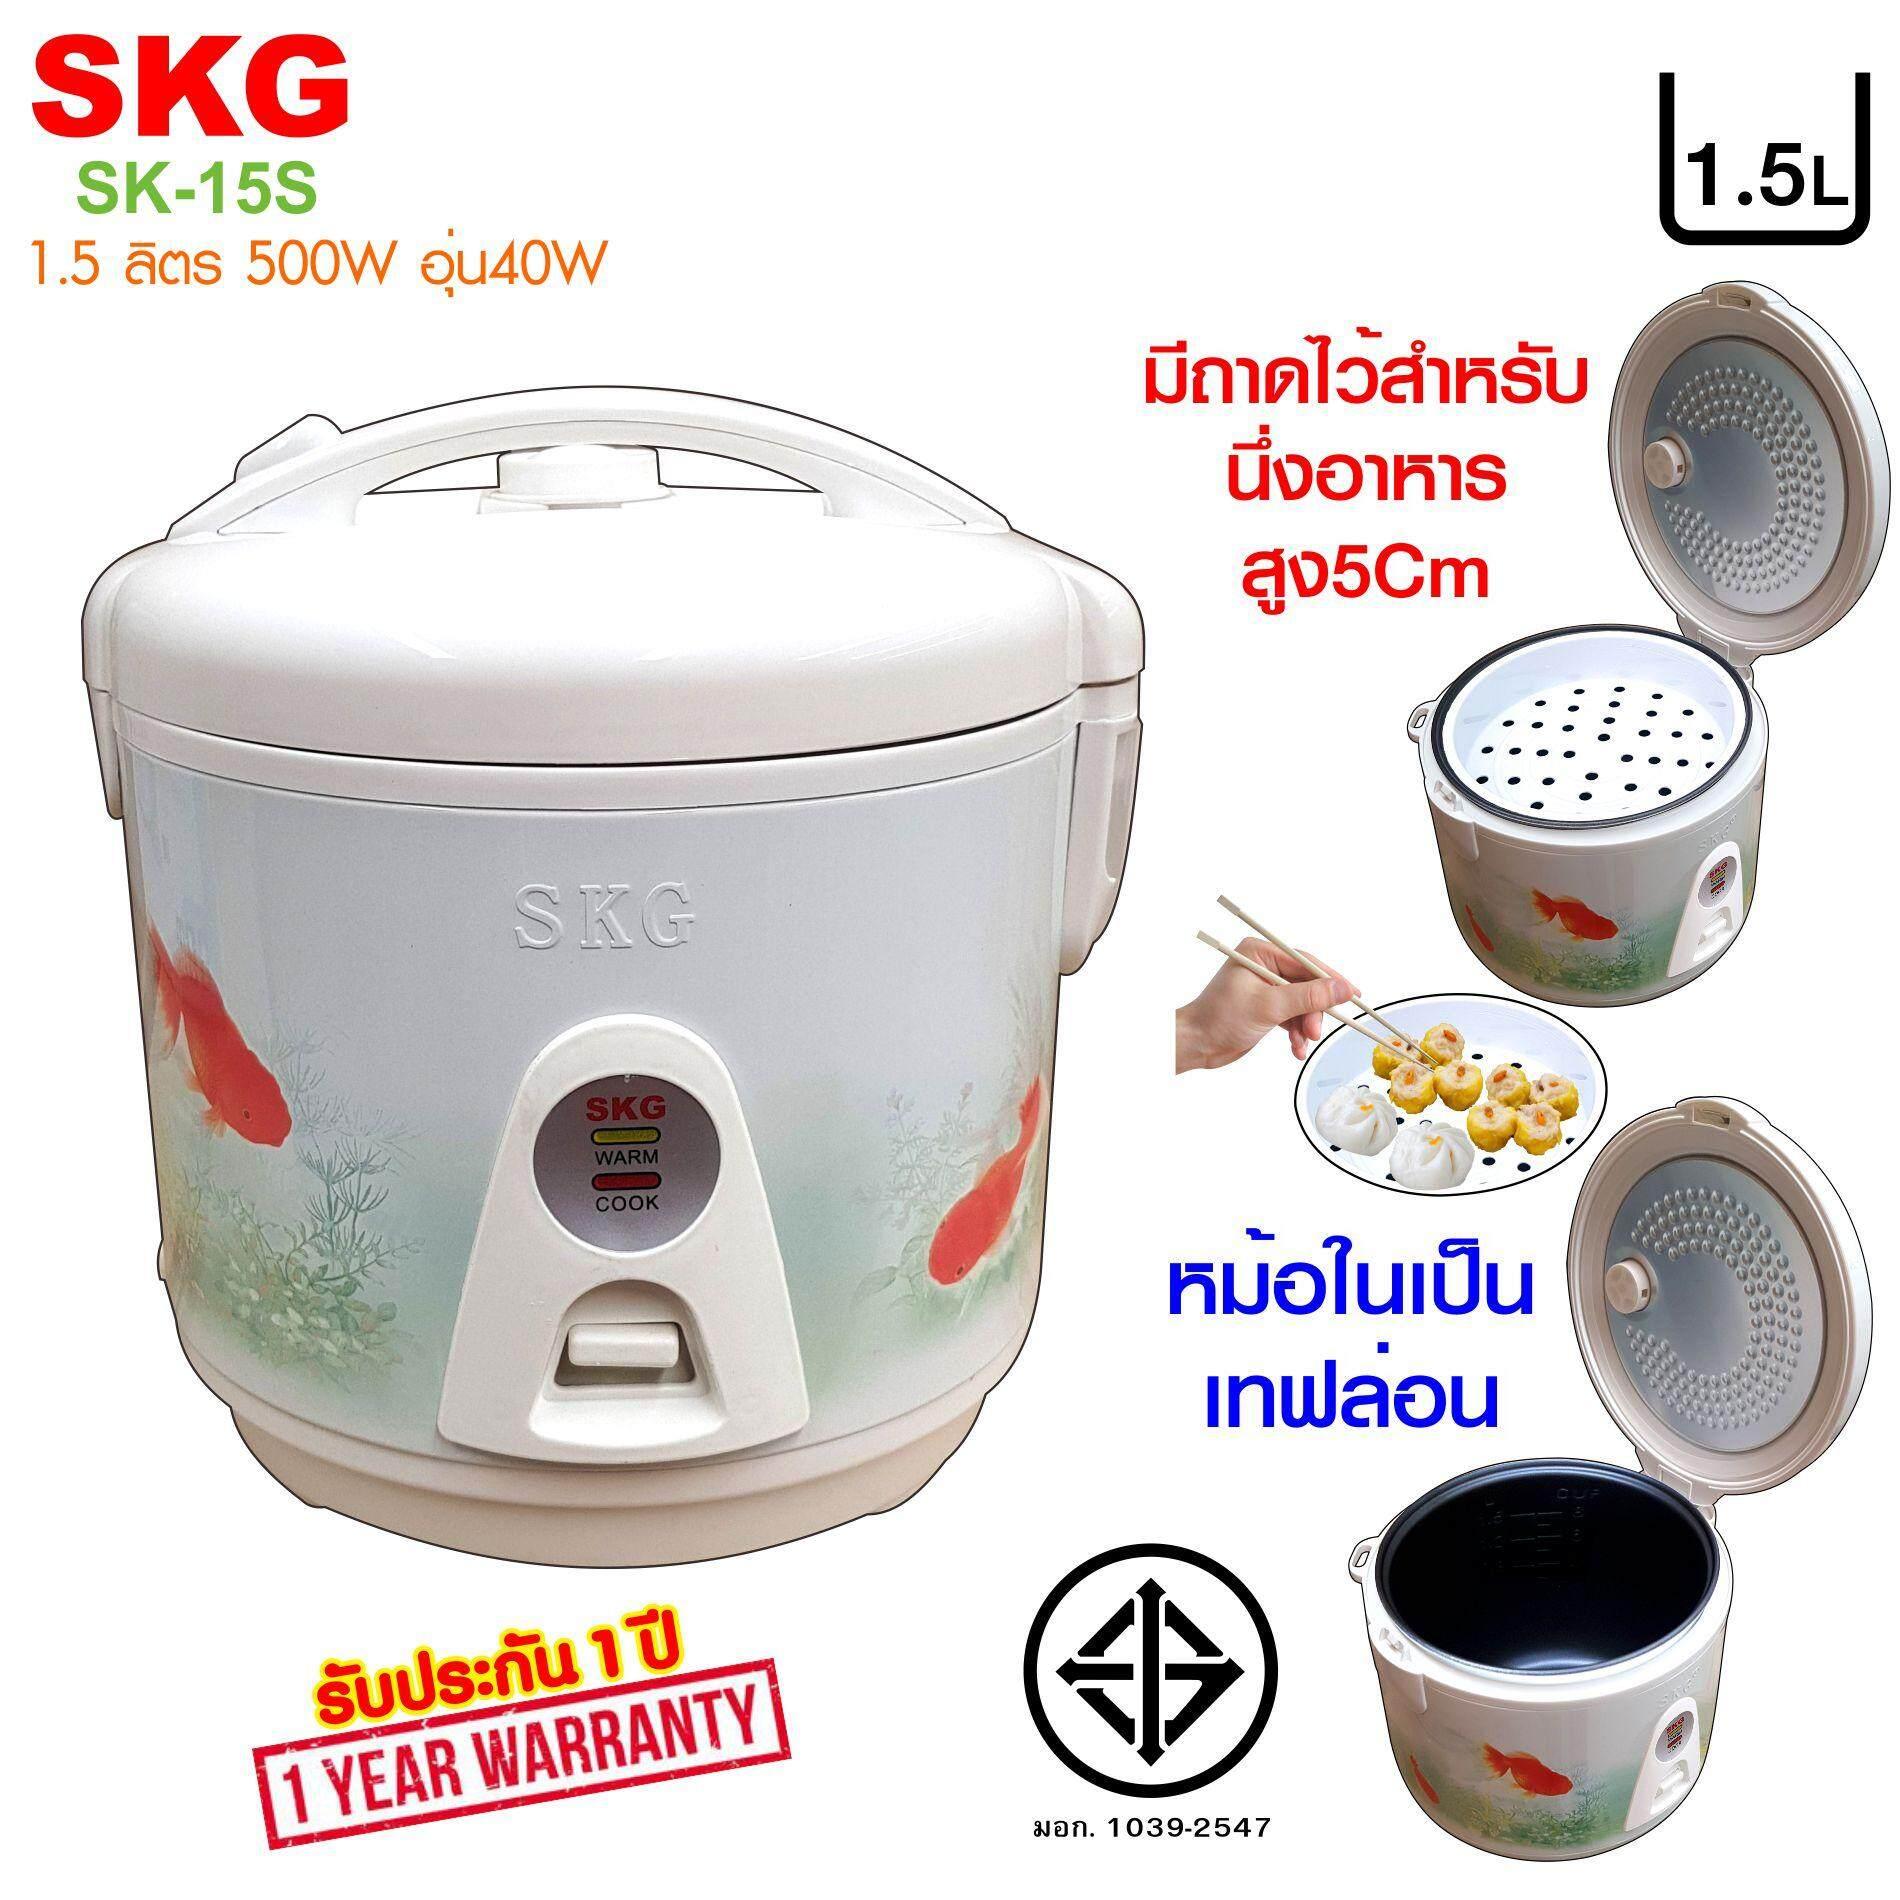 SKG หม้อหุงข้าวอุ่นทิพย์ 1.5 ลิตร รุ่น SK-15S